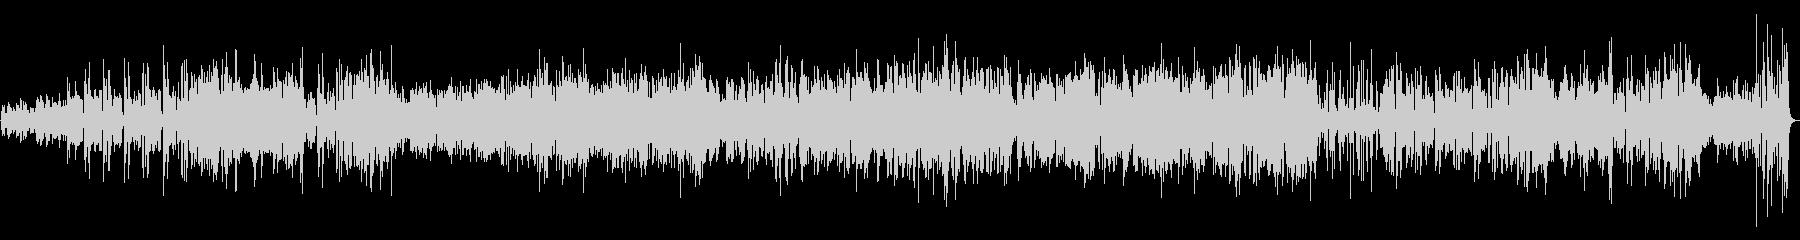 ジャズ センチメンタル サスペンス...の未再生の波形